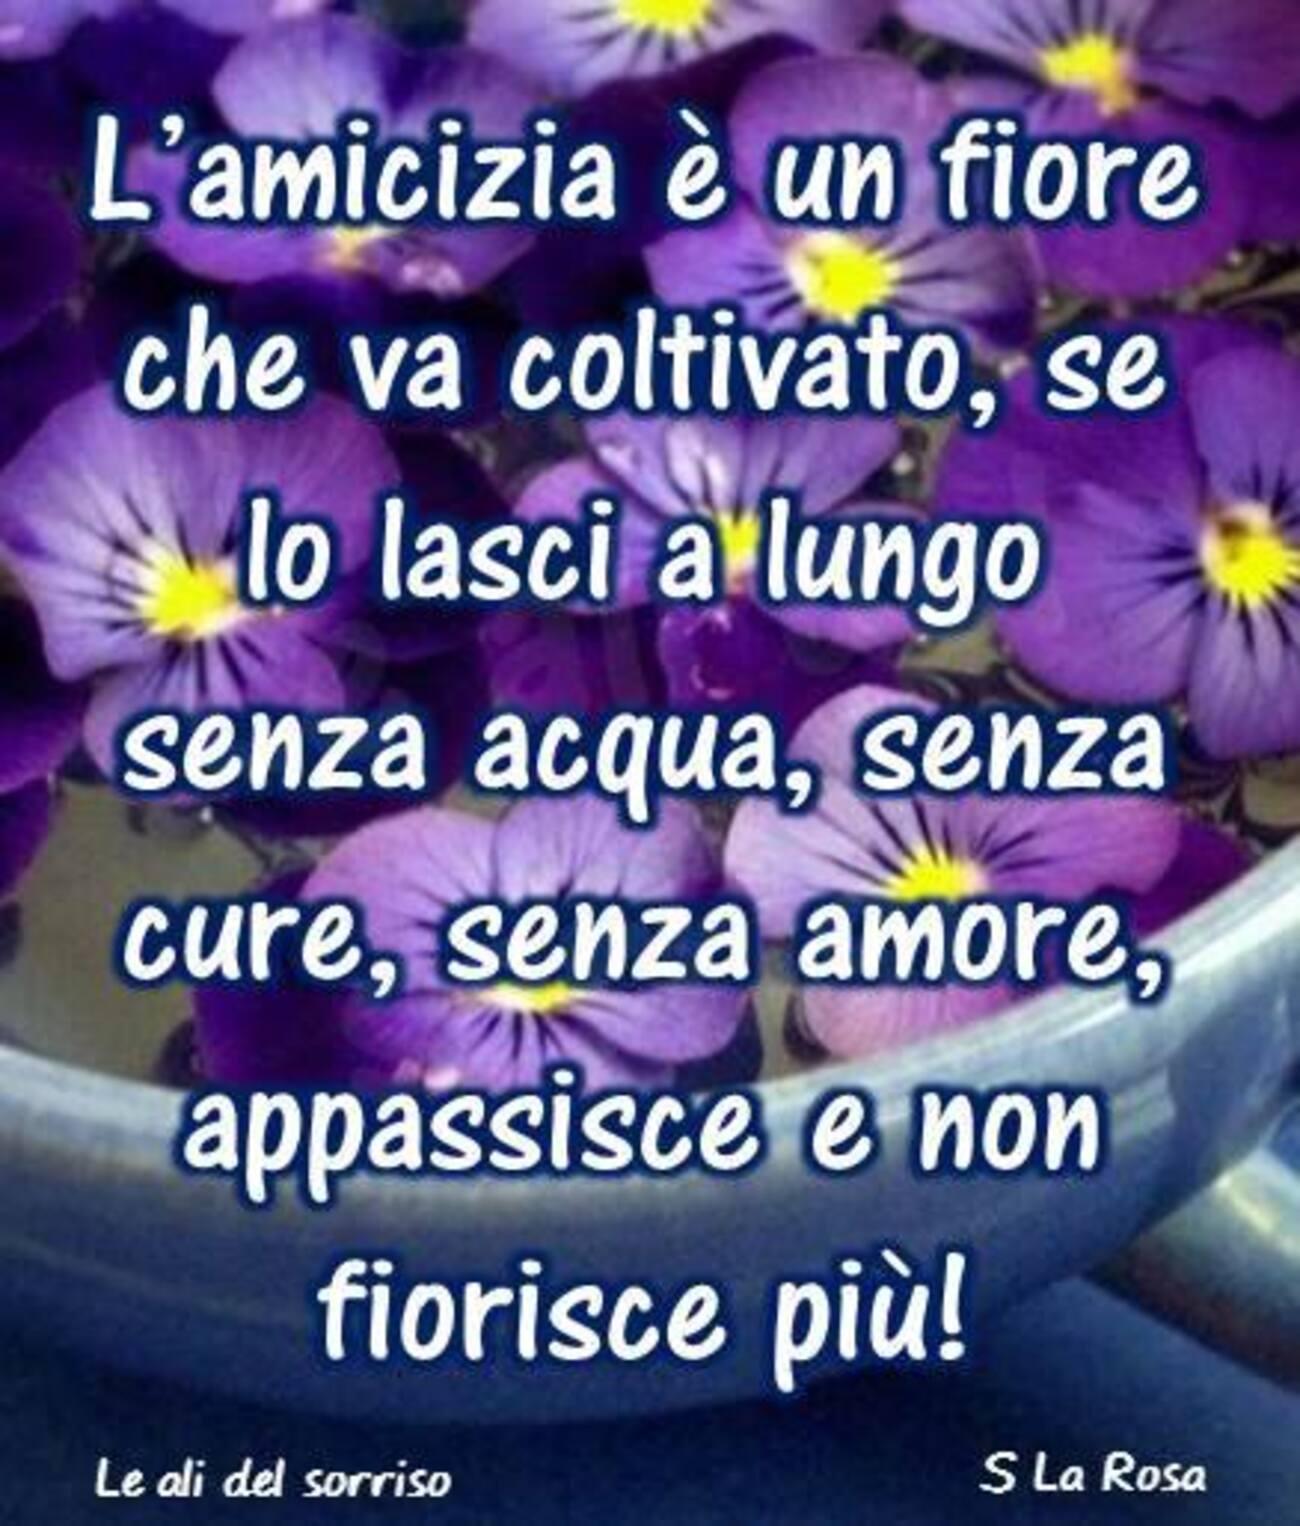 L'amicizia è un fiore che va coltivato, se lo lasci a lungo senz'acqua, senza cure, senza amore, appassisce e non fiorisce più!